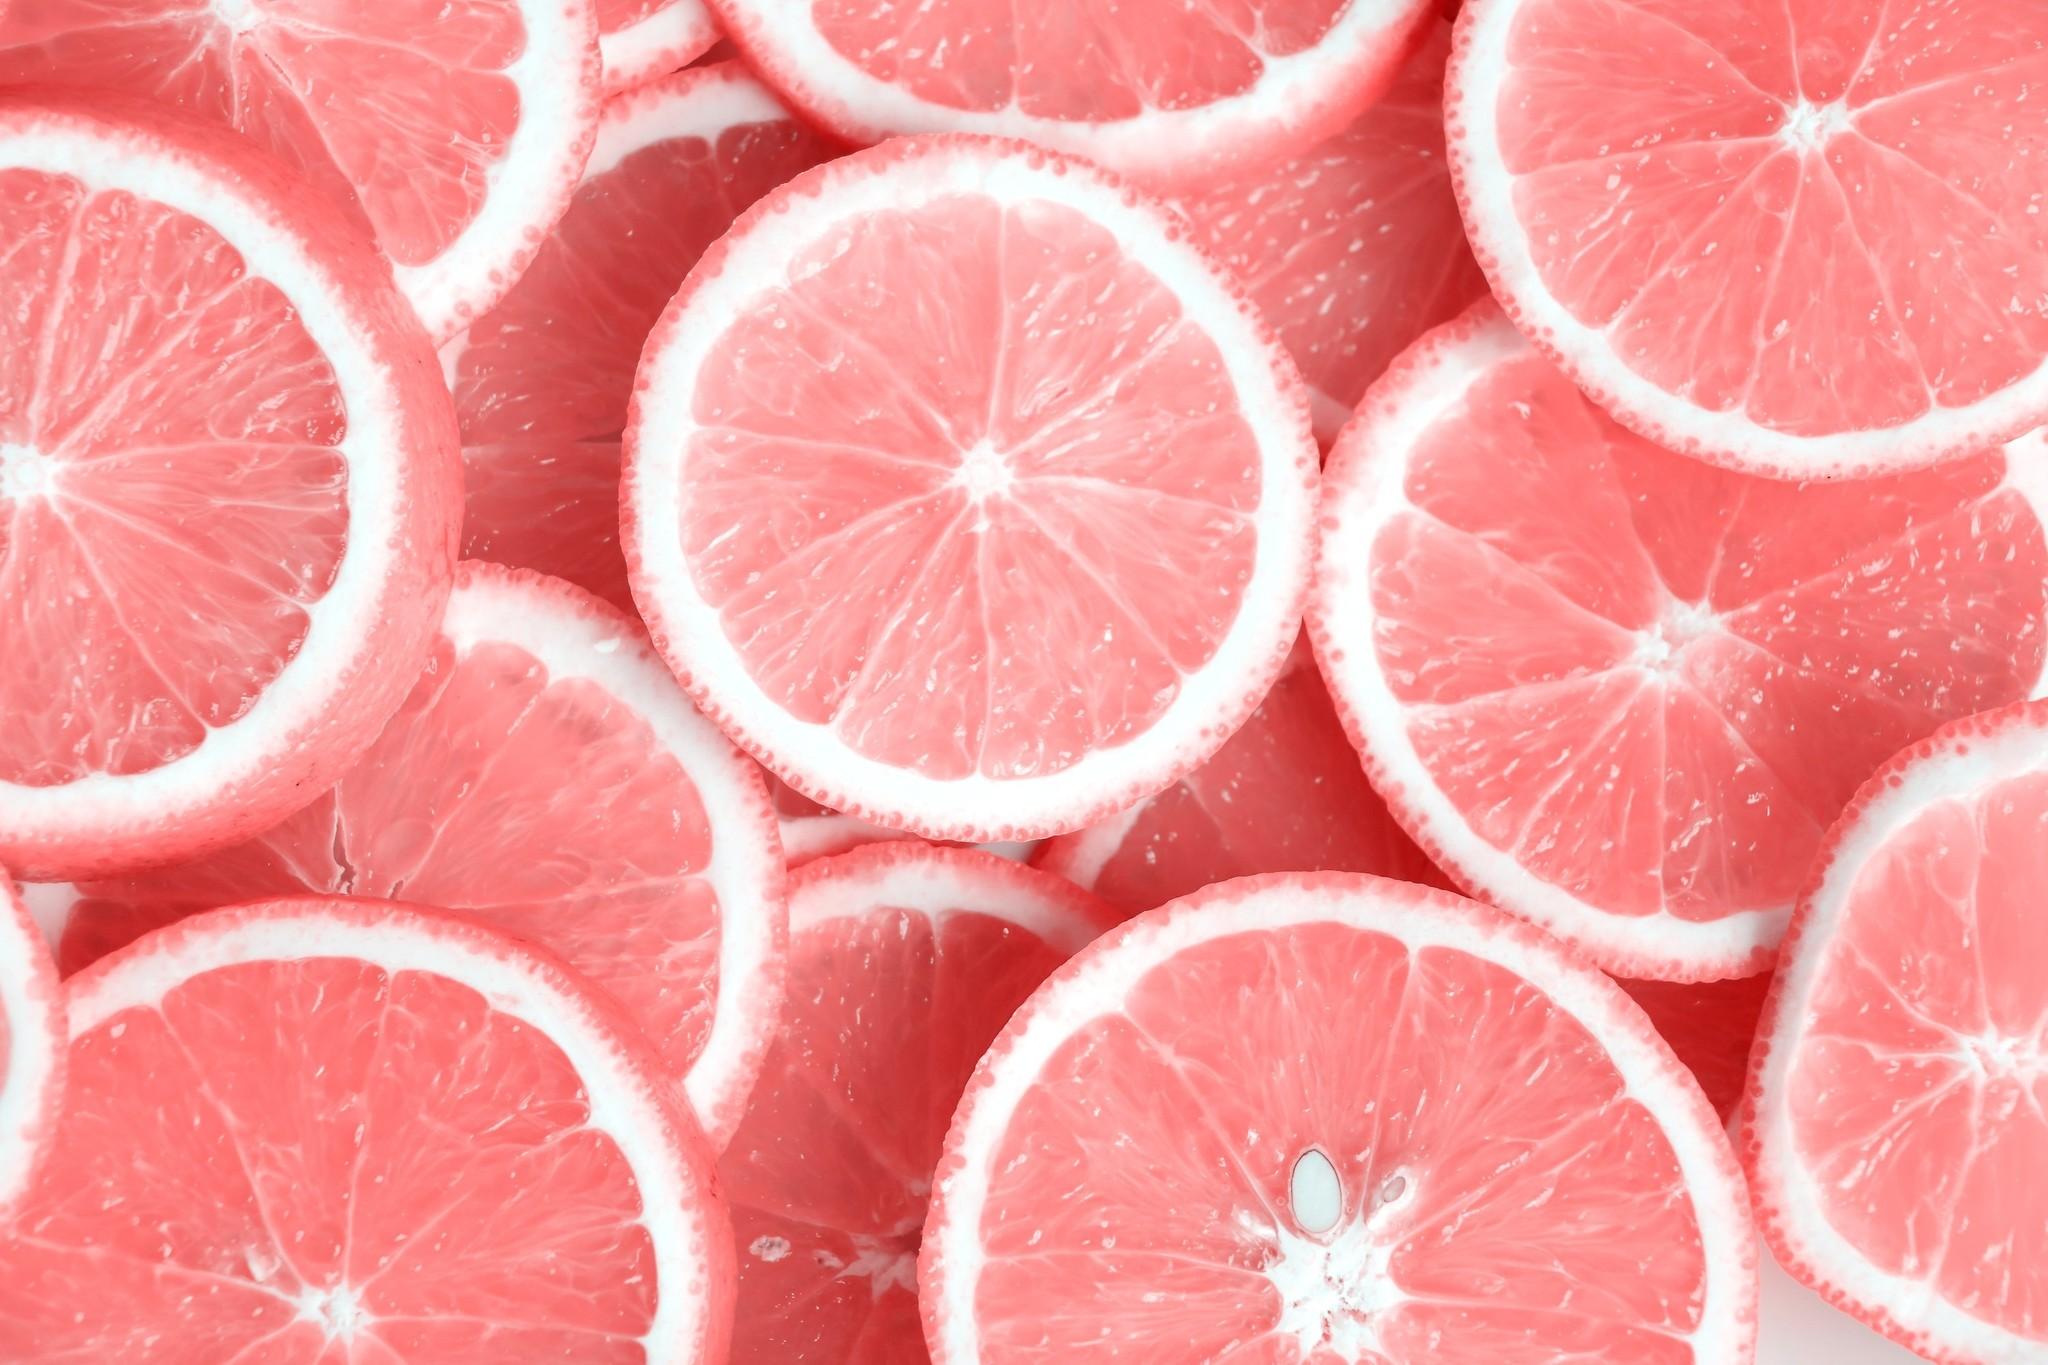 Pink Grapefruit Serum